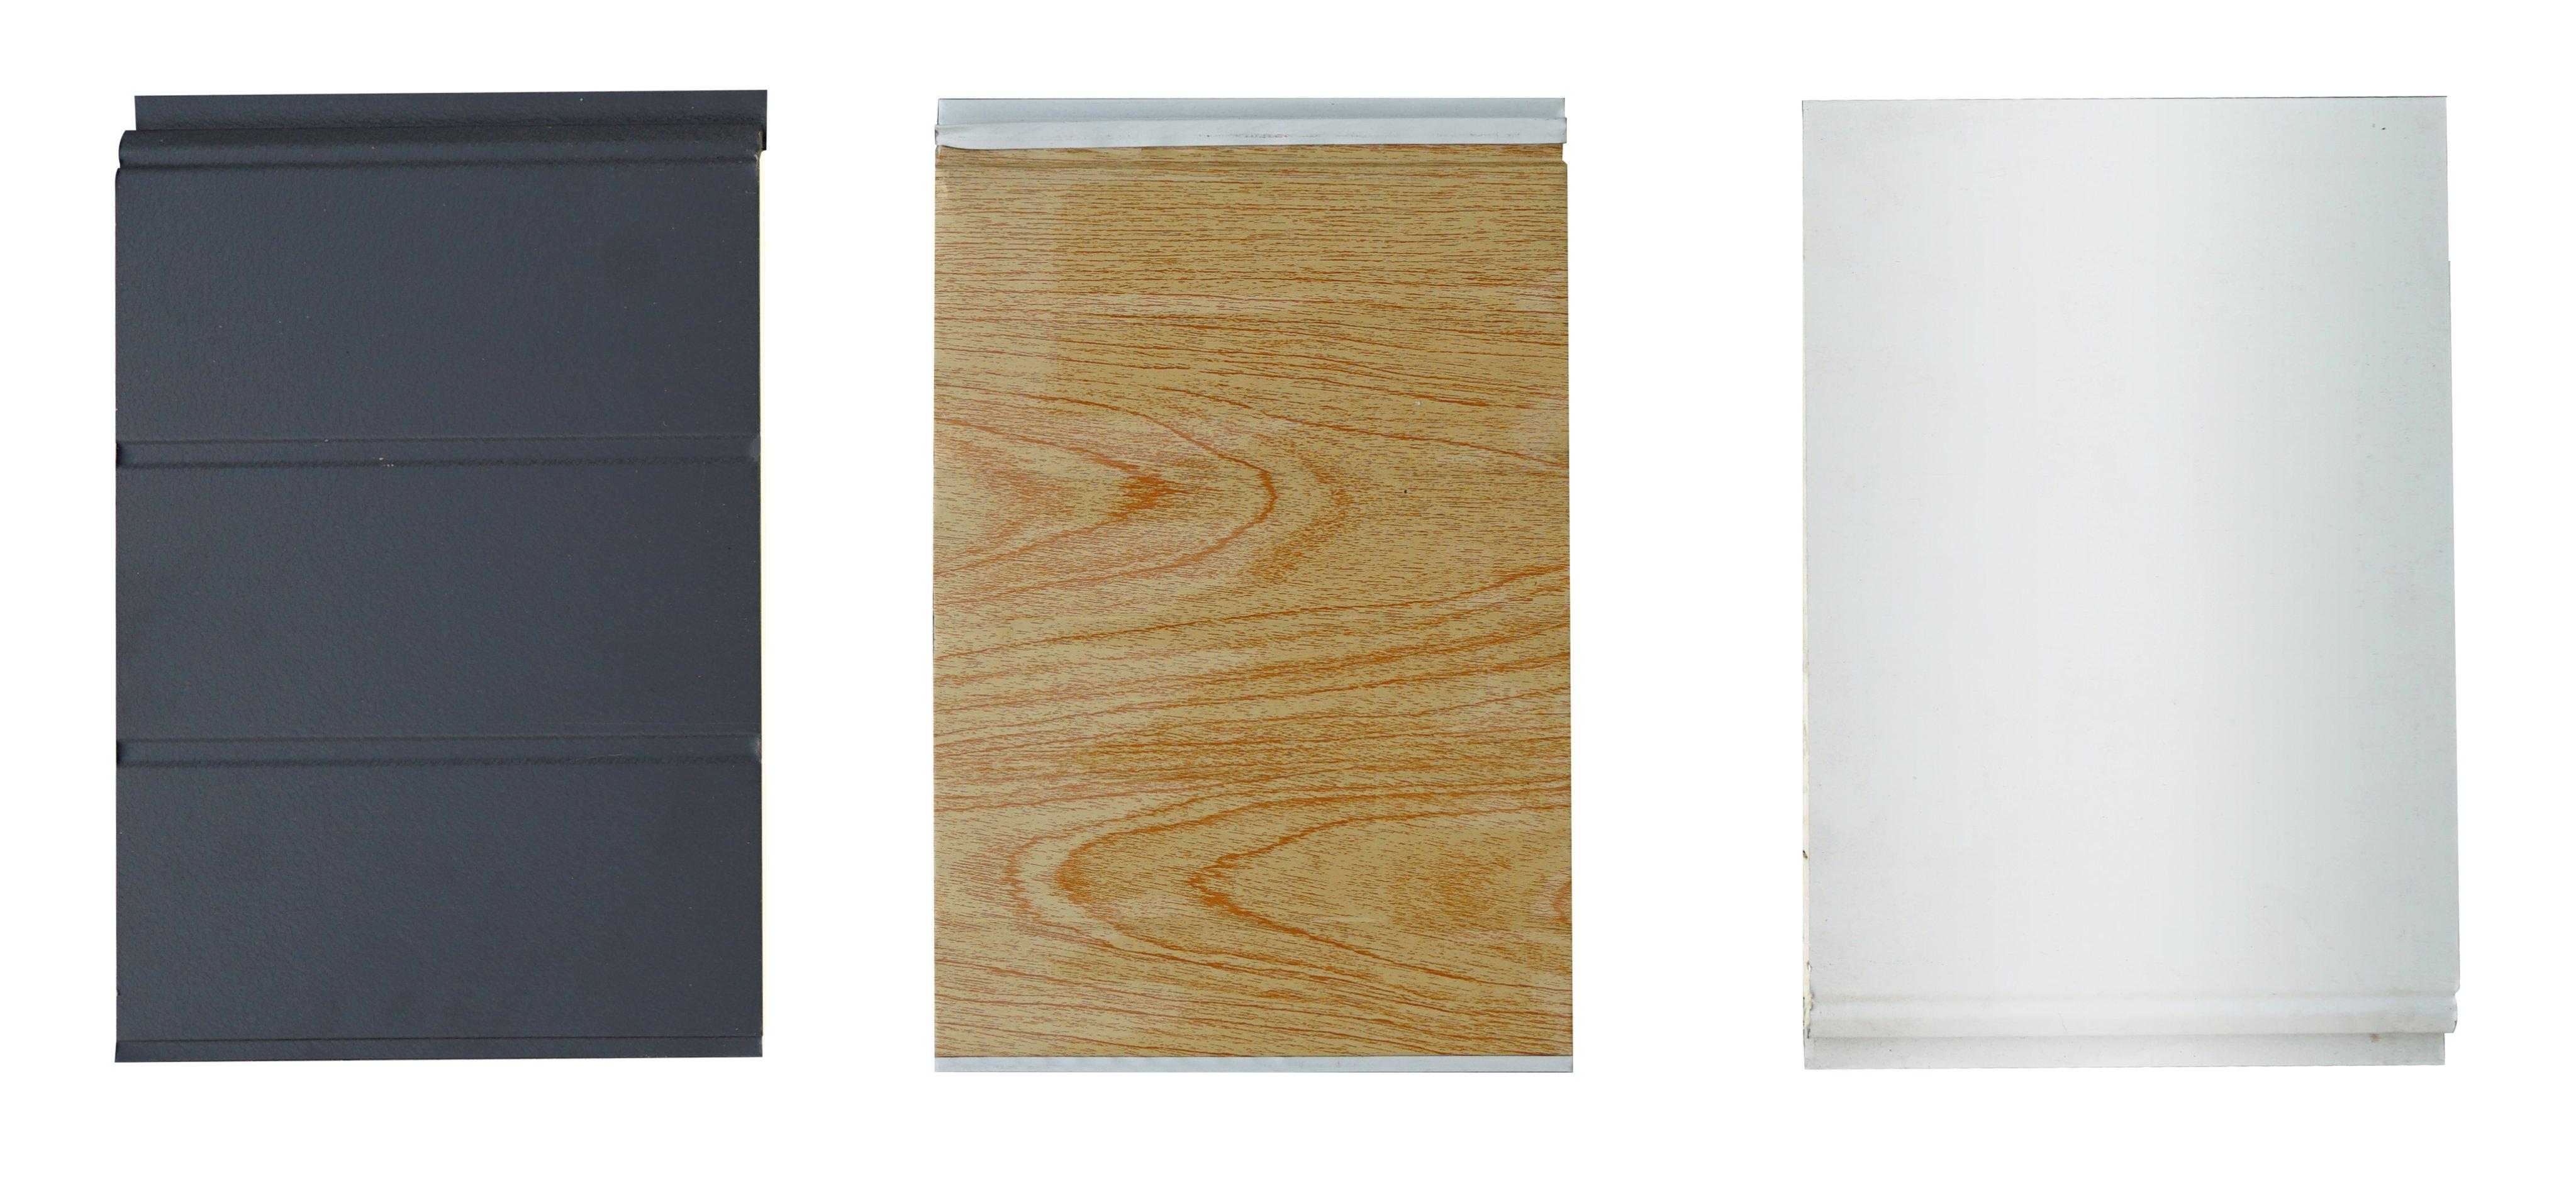 Tonmat trần vách la phong apec spec cao cấp công nghiệp cách nhiệt cách âm, màu vân gỗ bóng trắng sữa